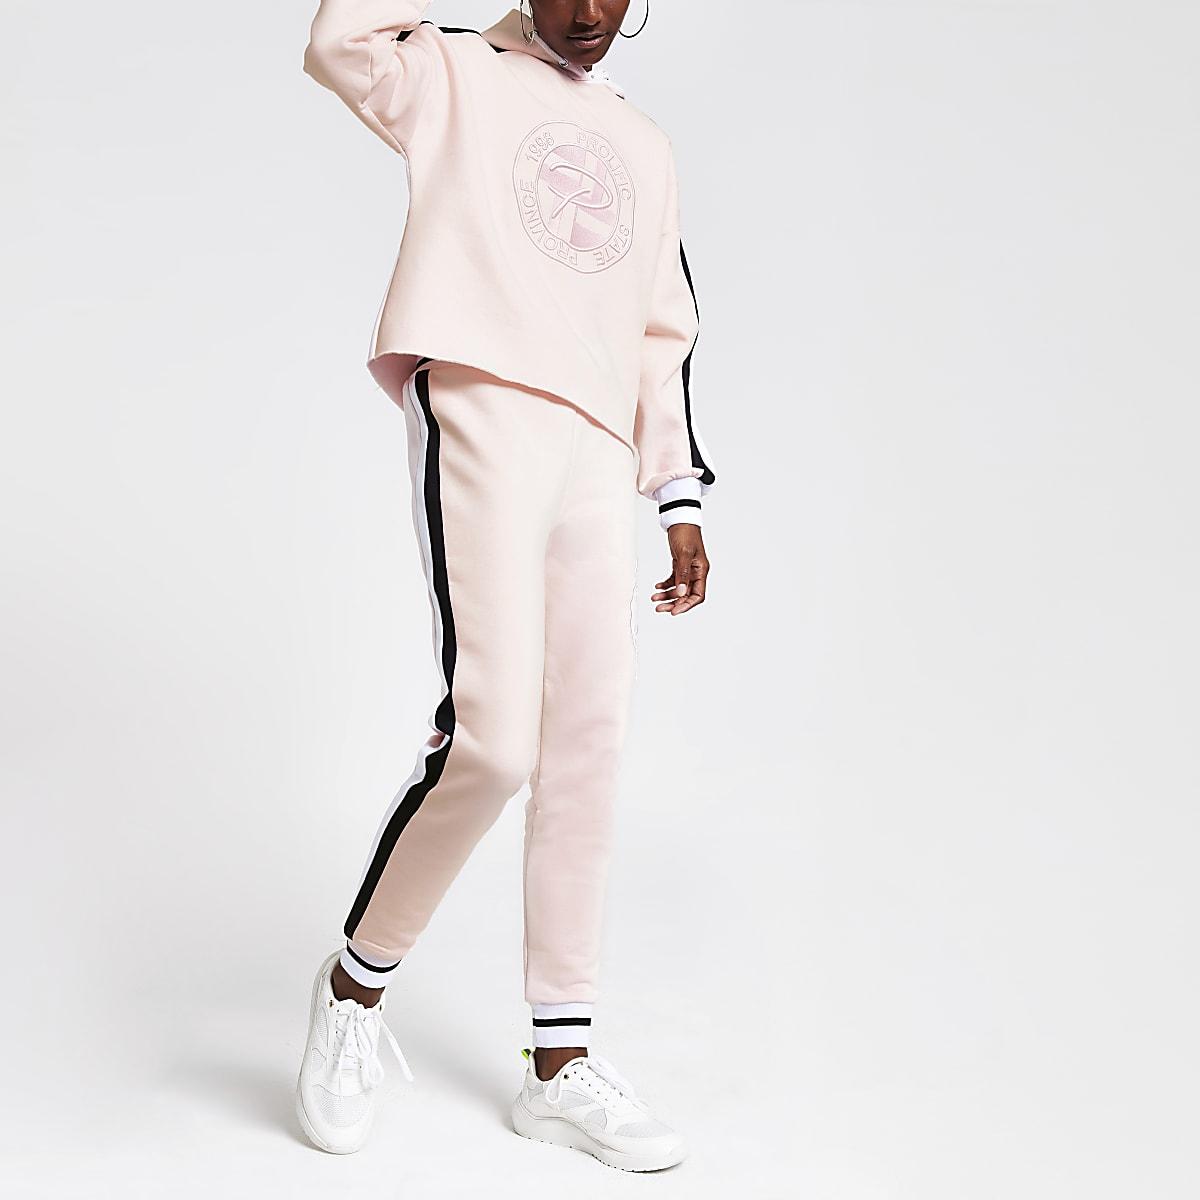 Prolific - Roze geborduurde joggingbroek